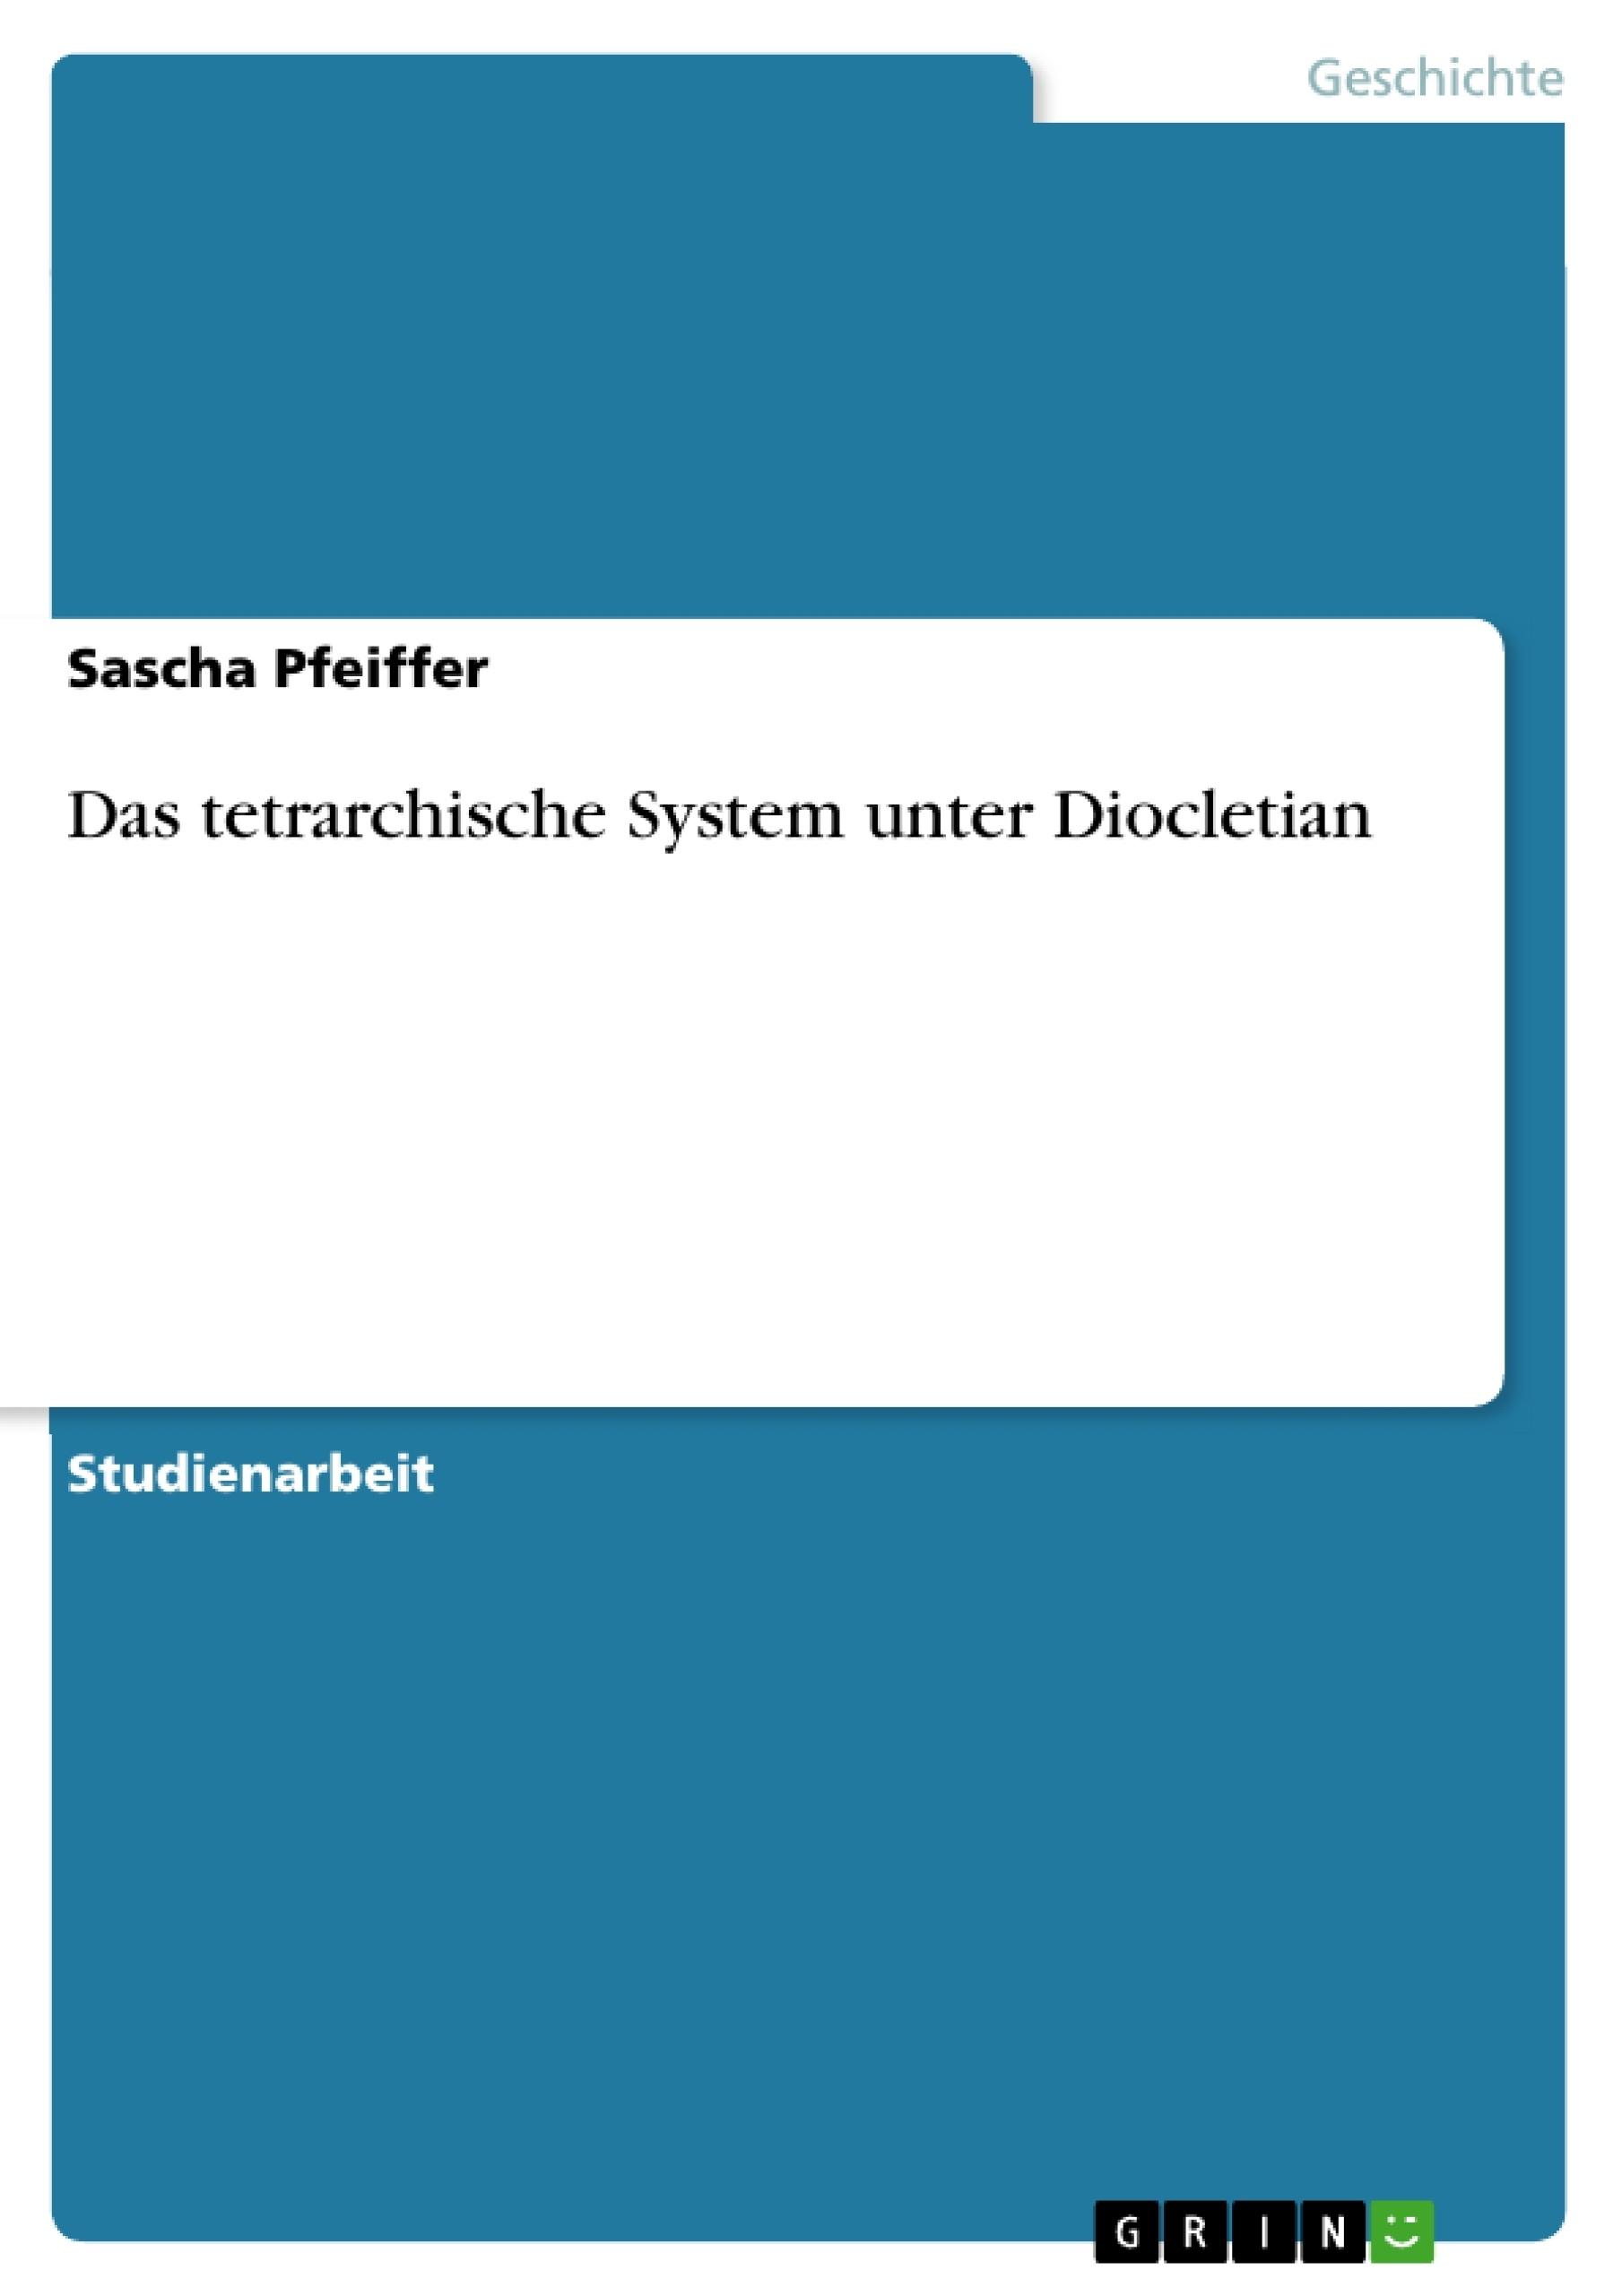 Titel: Das tetrarchische System unter Diocletian